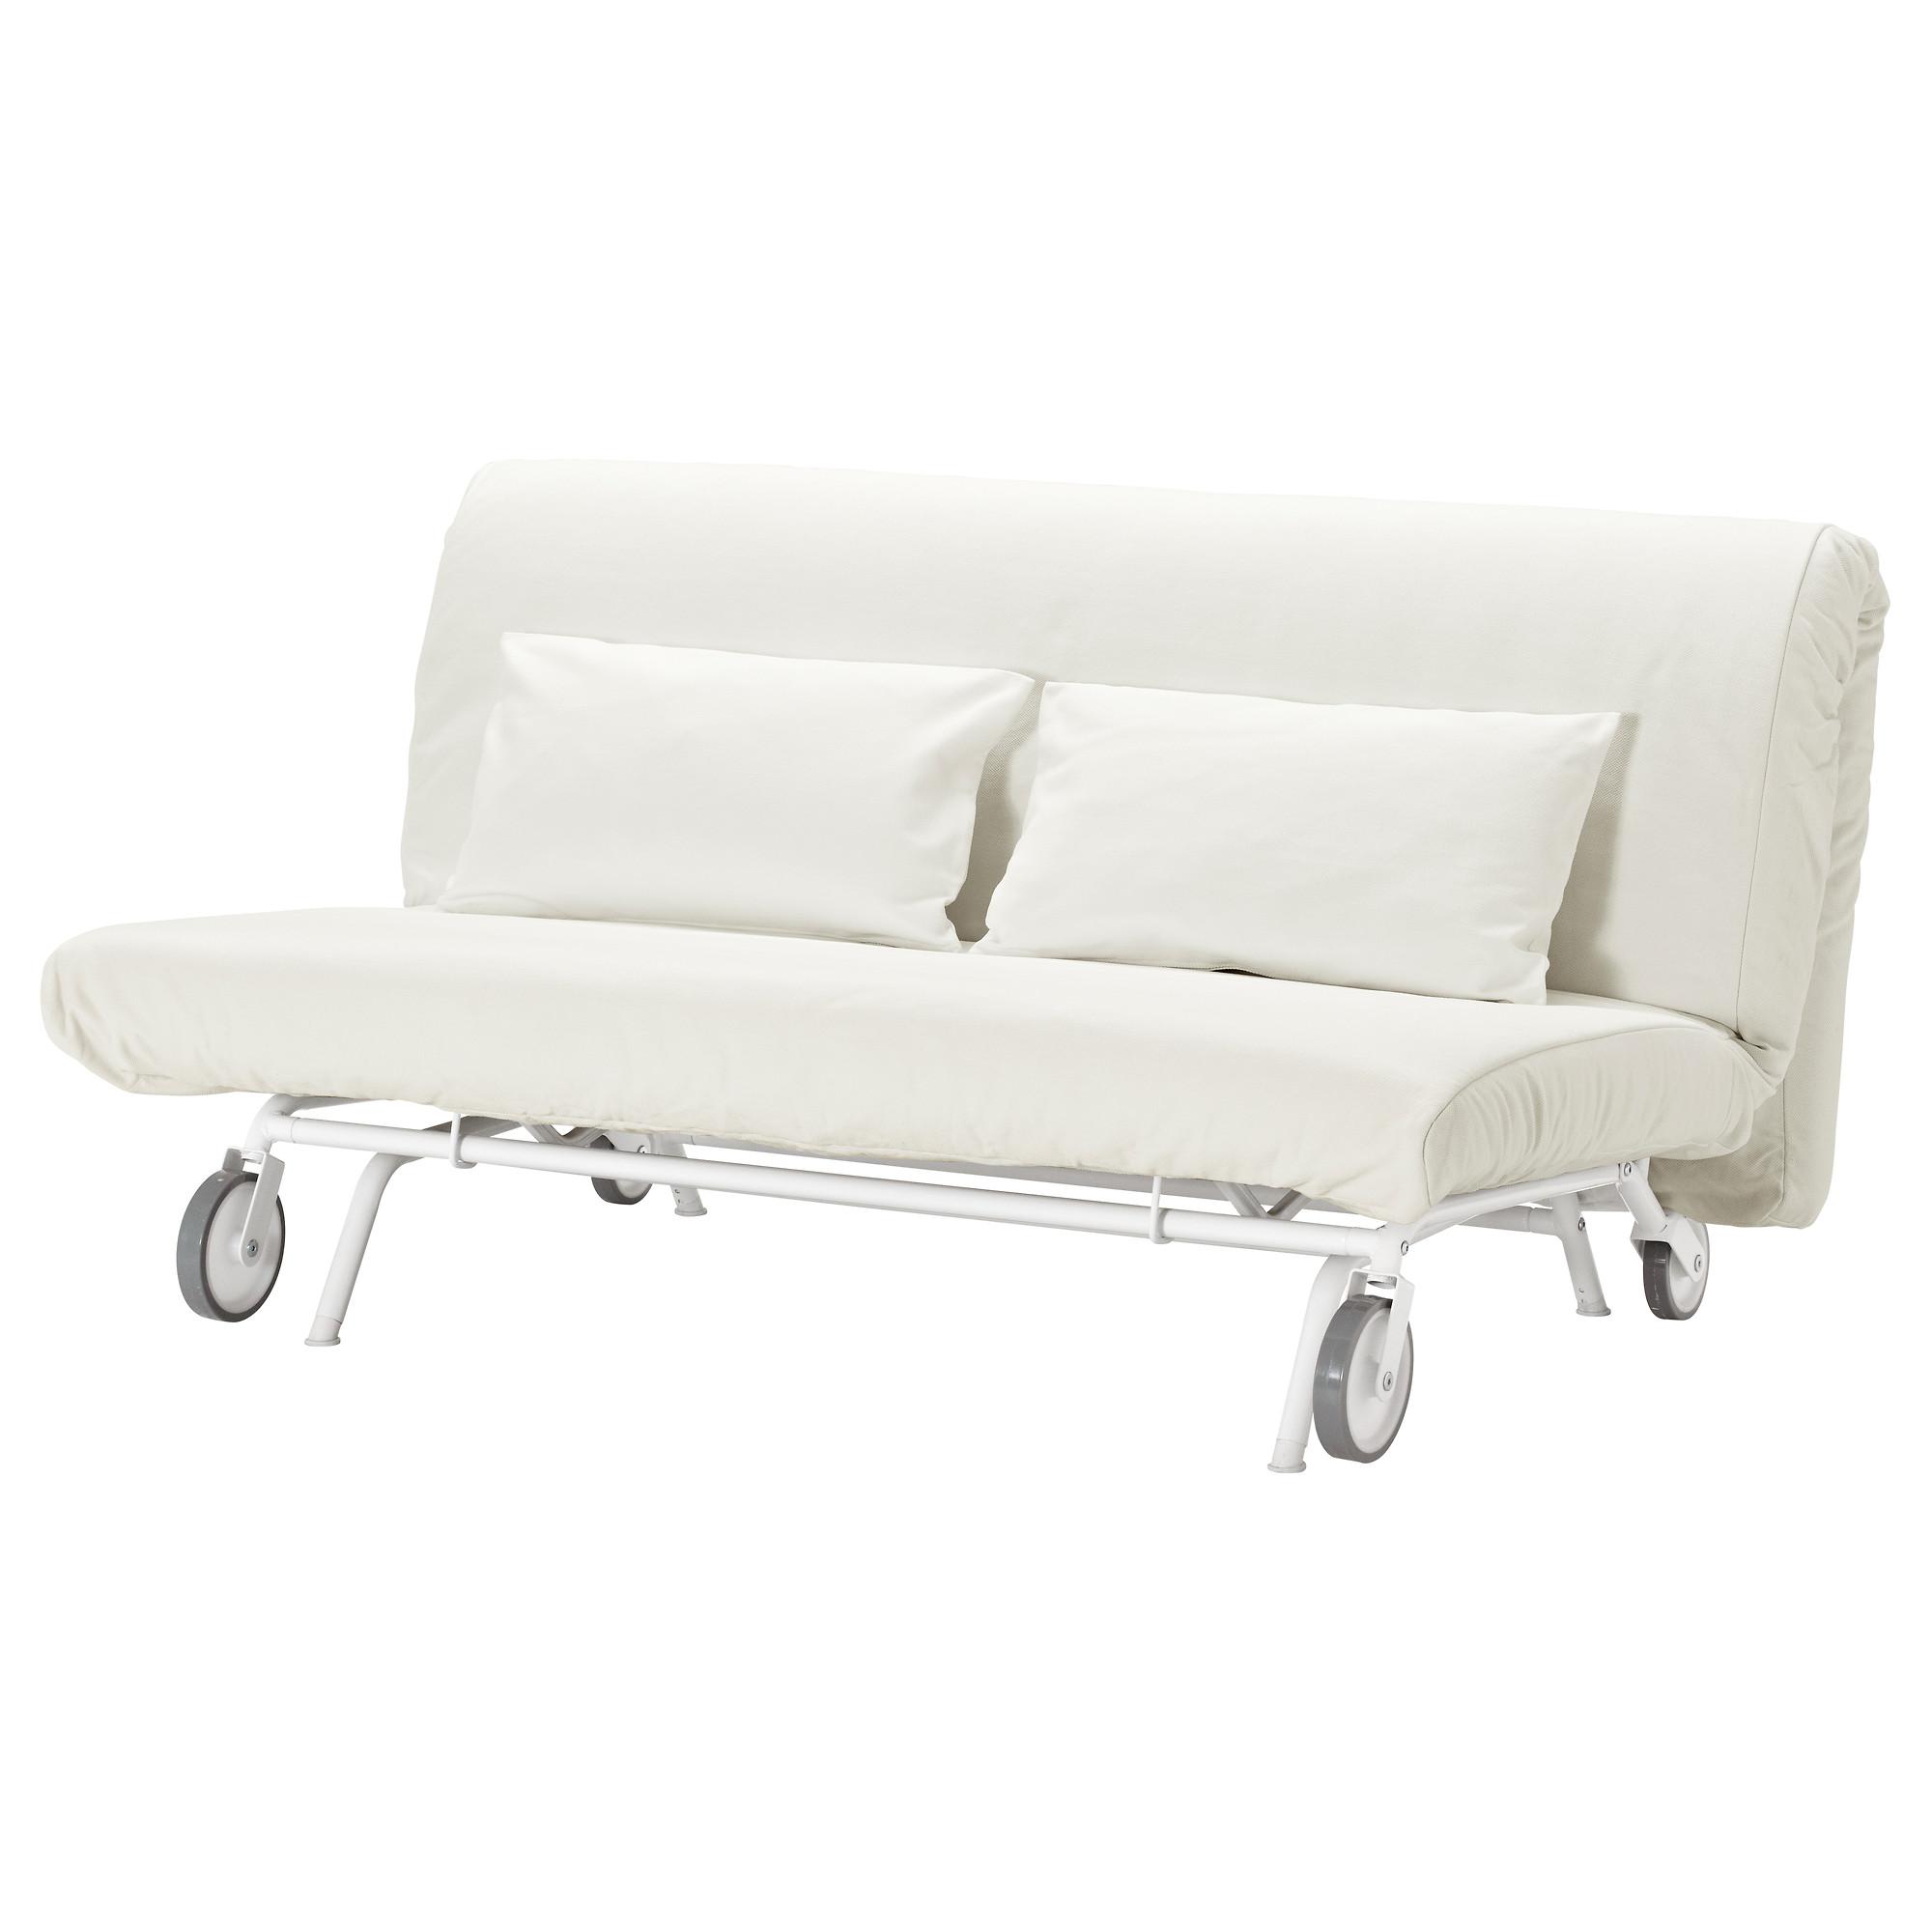 Εσωτερική αγορά IKEAPS IKEA χα Witte καναπέ - κρεβάτι σκανδιναβικές